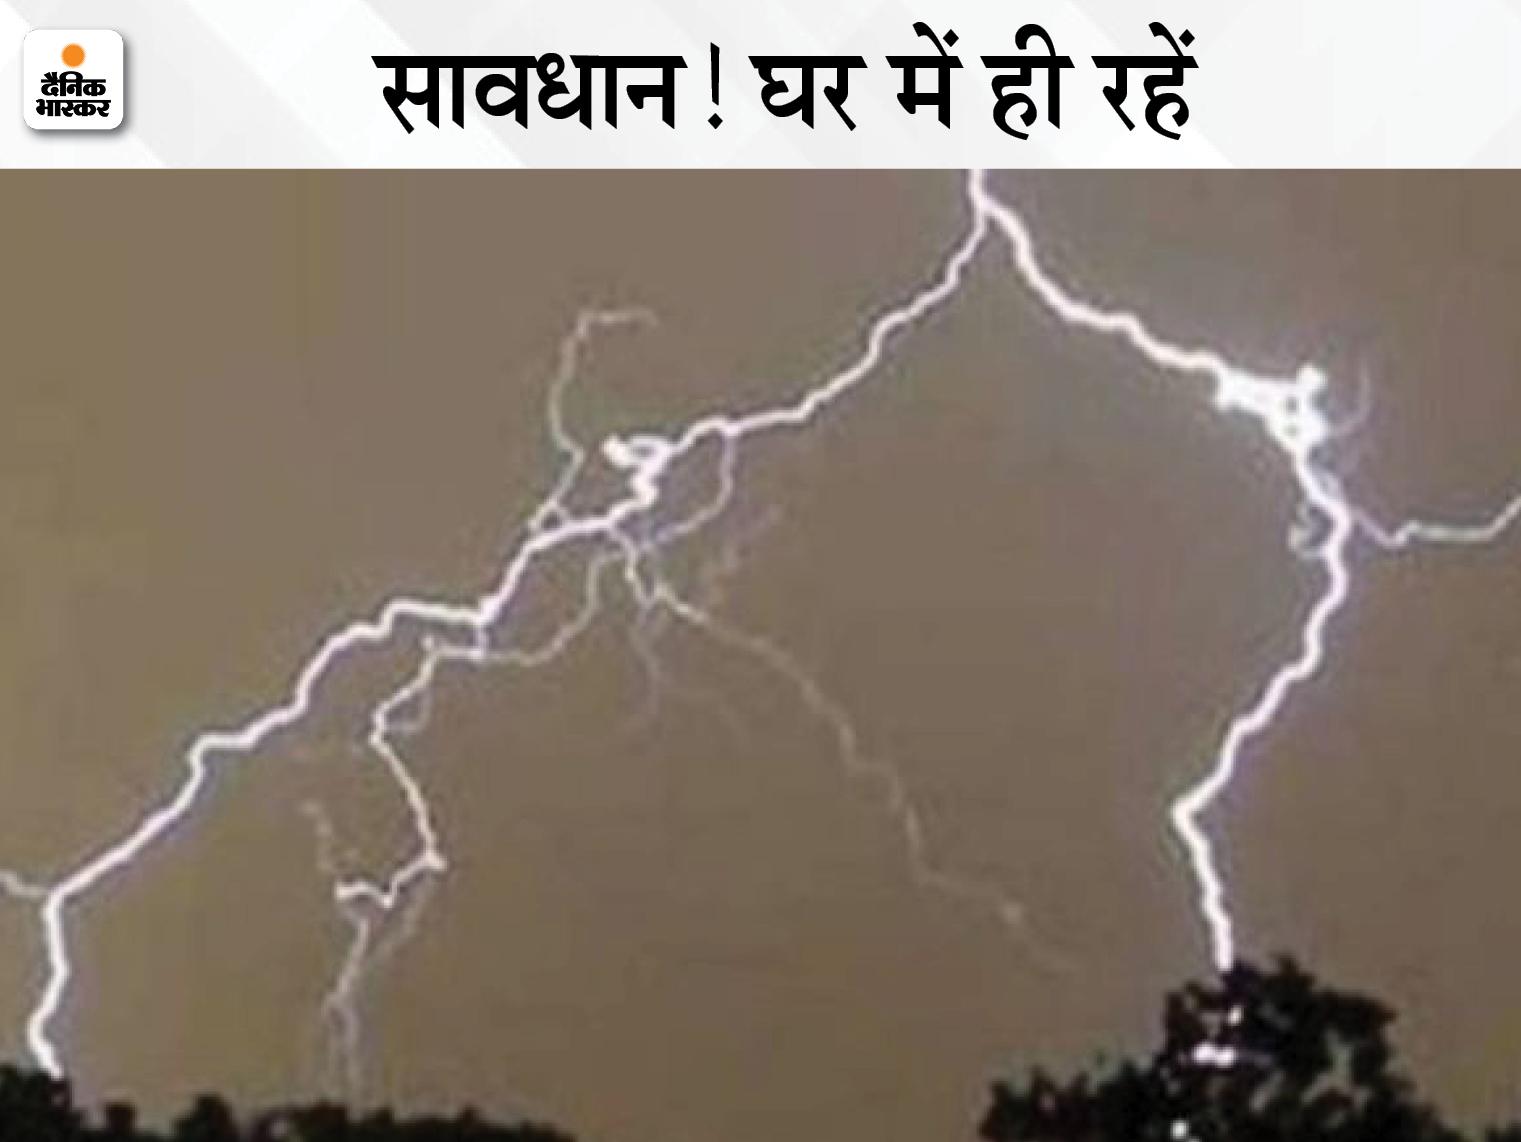 रात 12:30 बजे तक ठनका गिरने की आशंका; खुद सावधान हों और जानने वालों को भी बताएं|बिहार,Bihar - Dainik Bhaskar